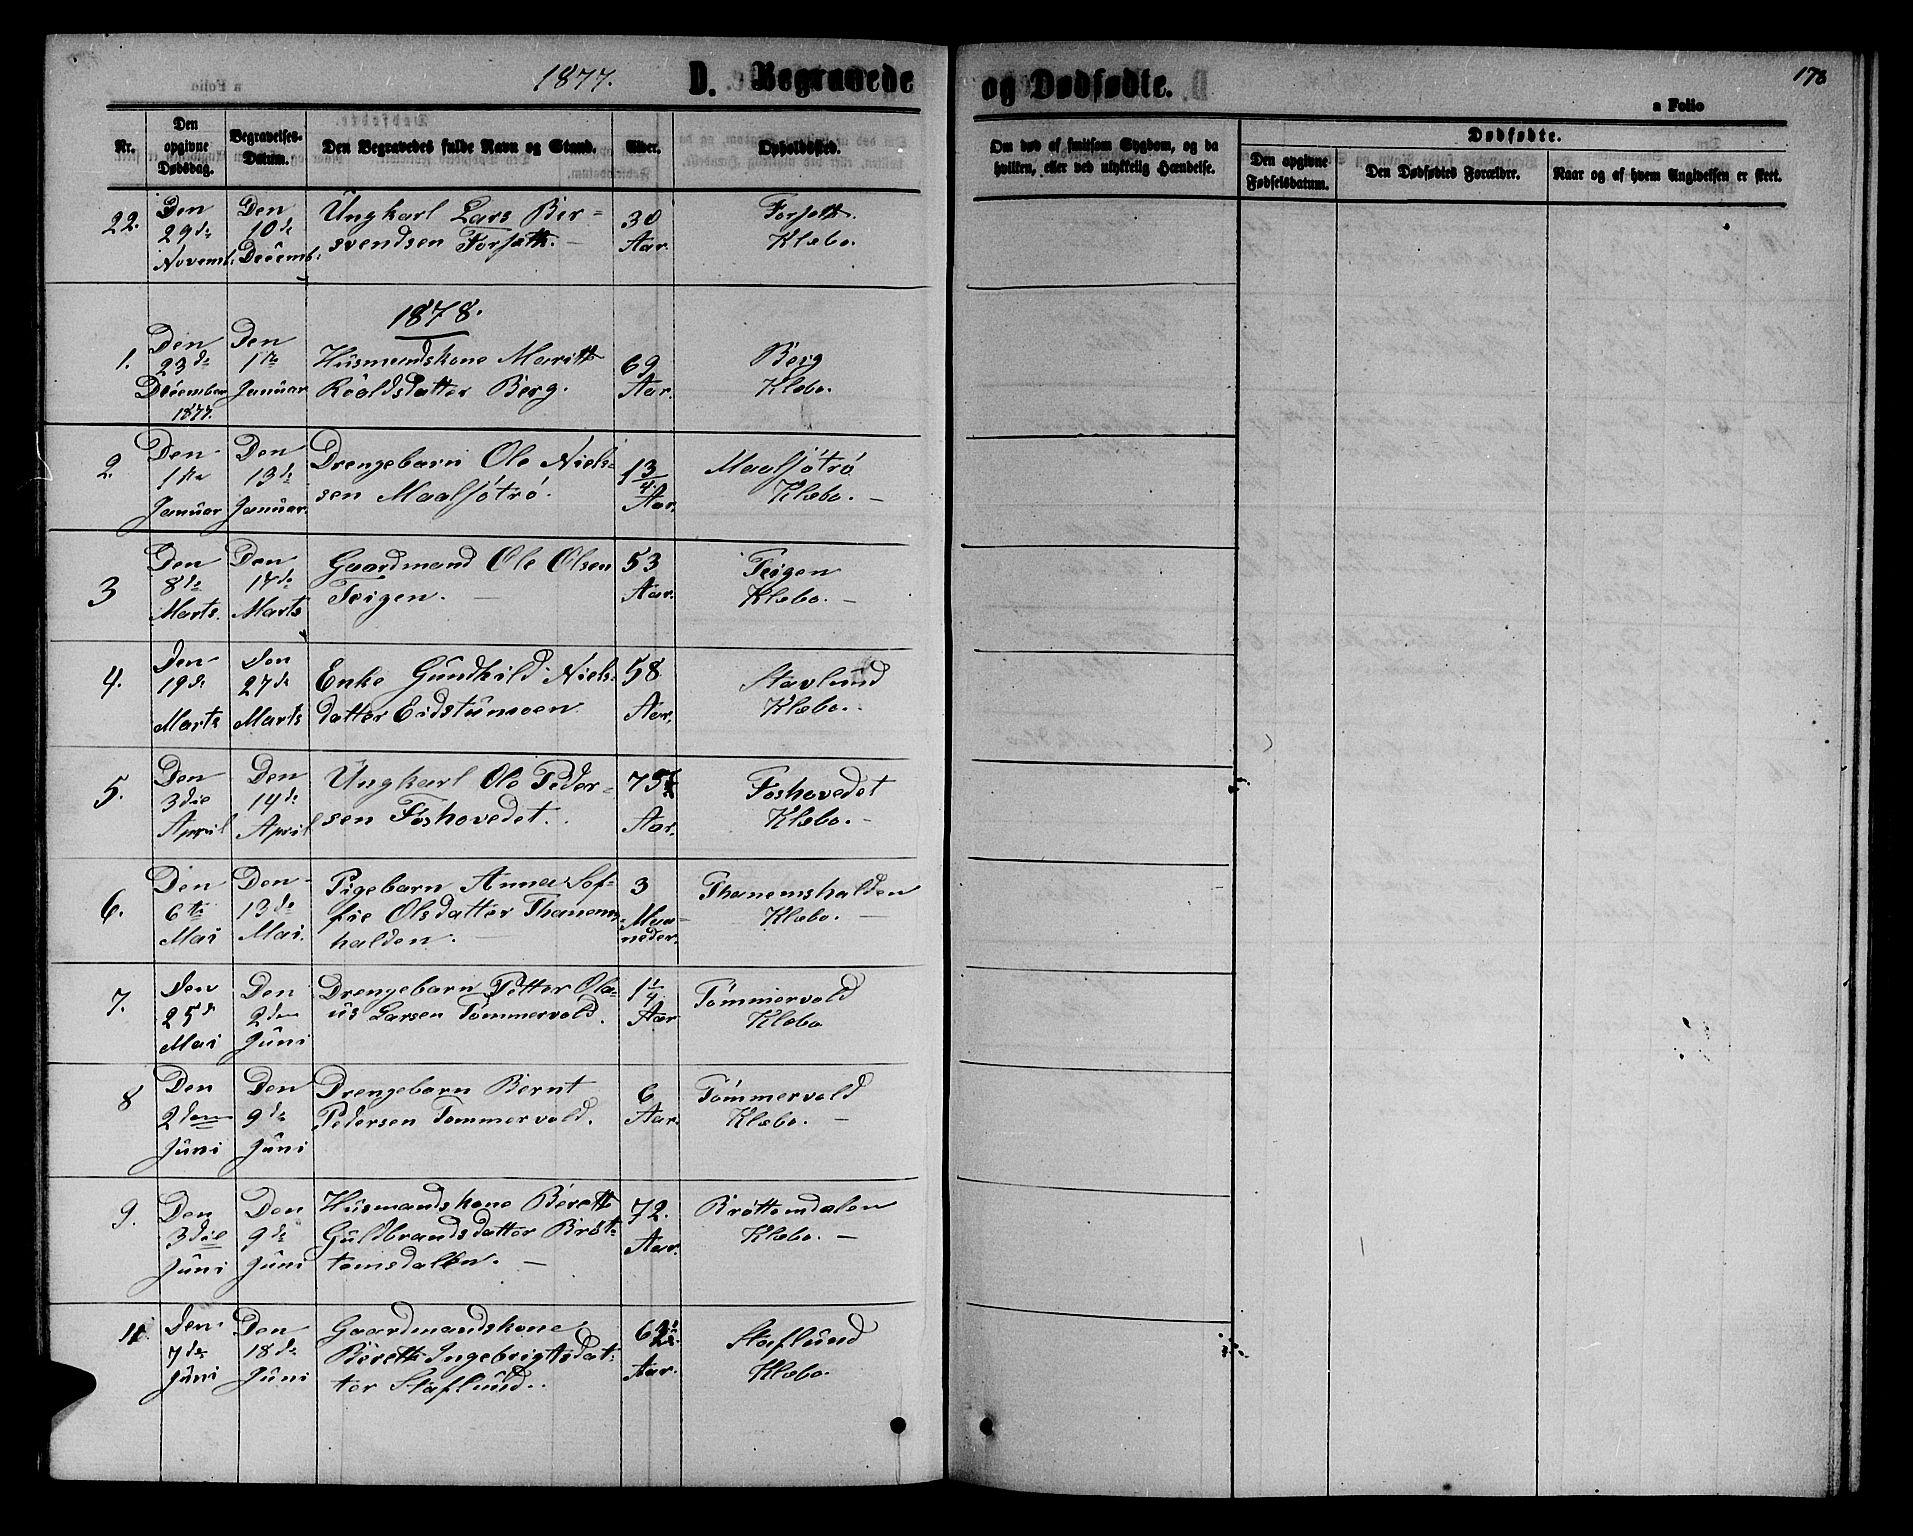 SAT, Ministerialprotokoller, klokkerbøker og fødselsregistre - Sør-Trøndelag, 618/L0451: Klokkerbok nr. 618C02, 1865-1883, s. 178